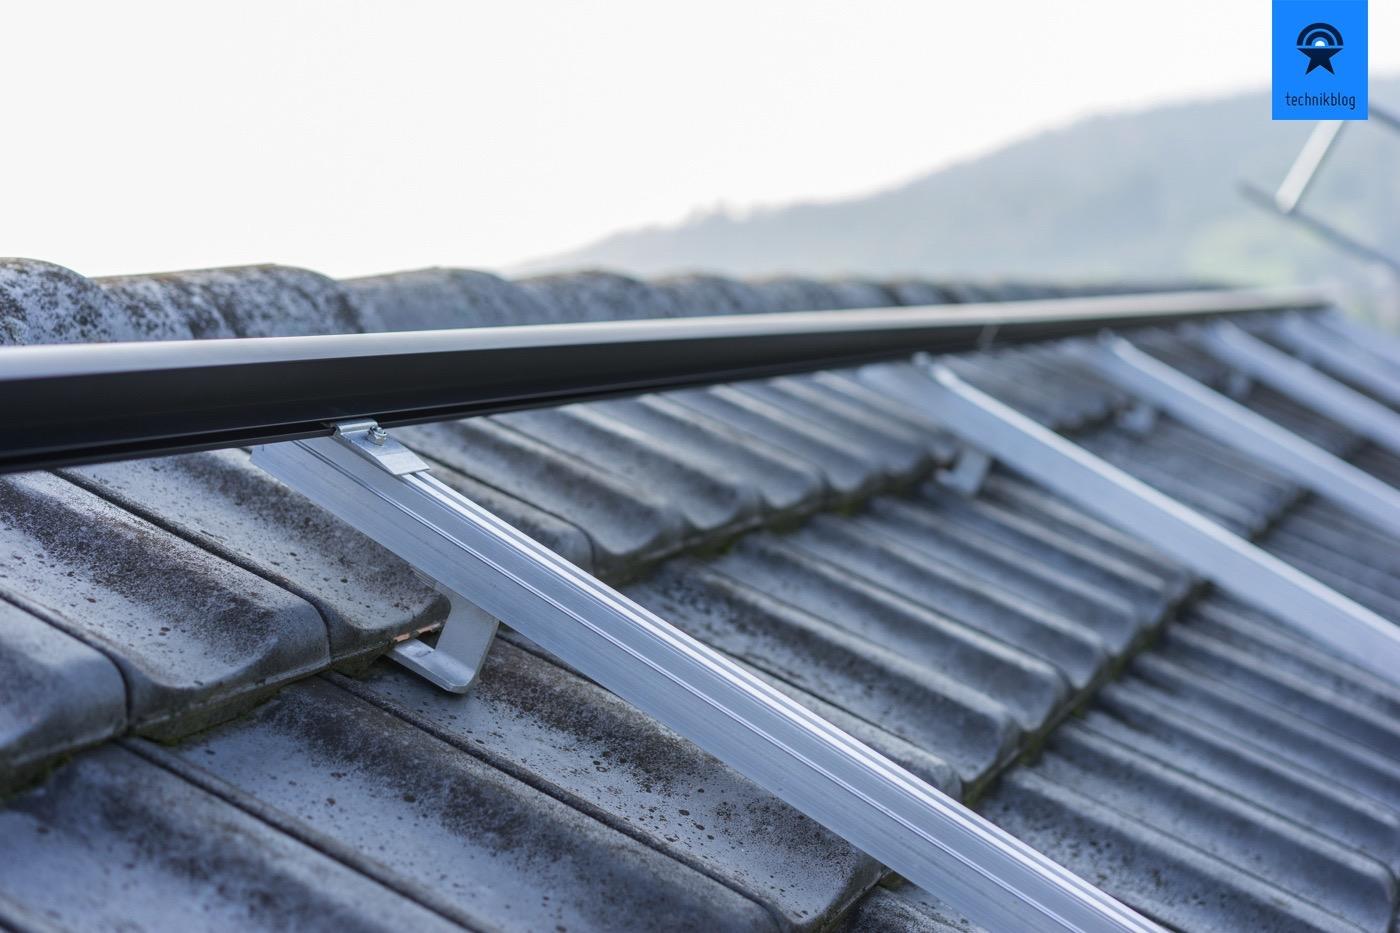 Erste Schritte der eigenen PV-Anlage: Unterkonstruktion auf das Dach montieren